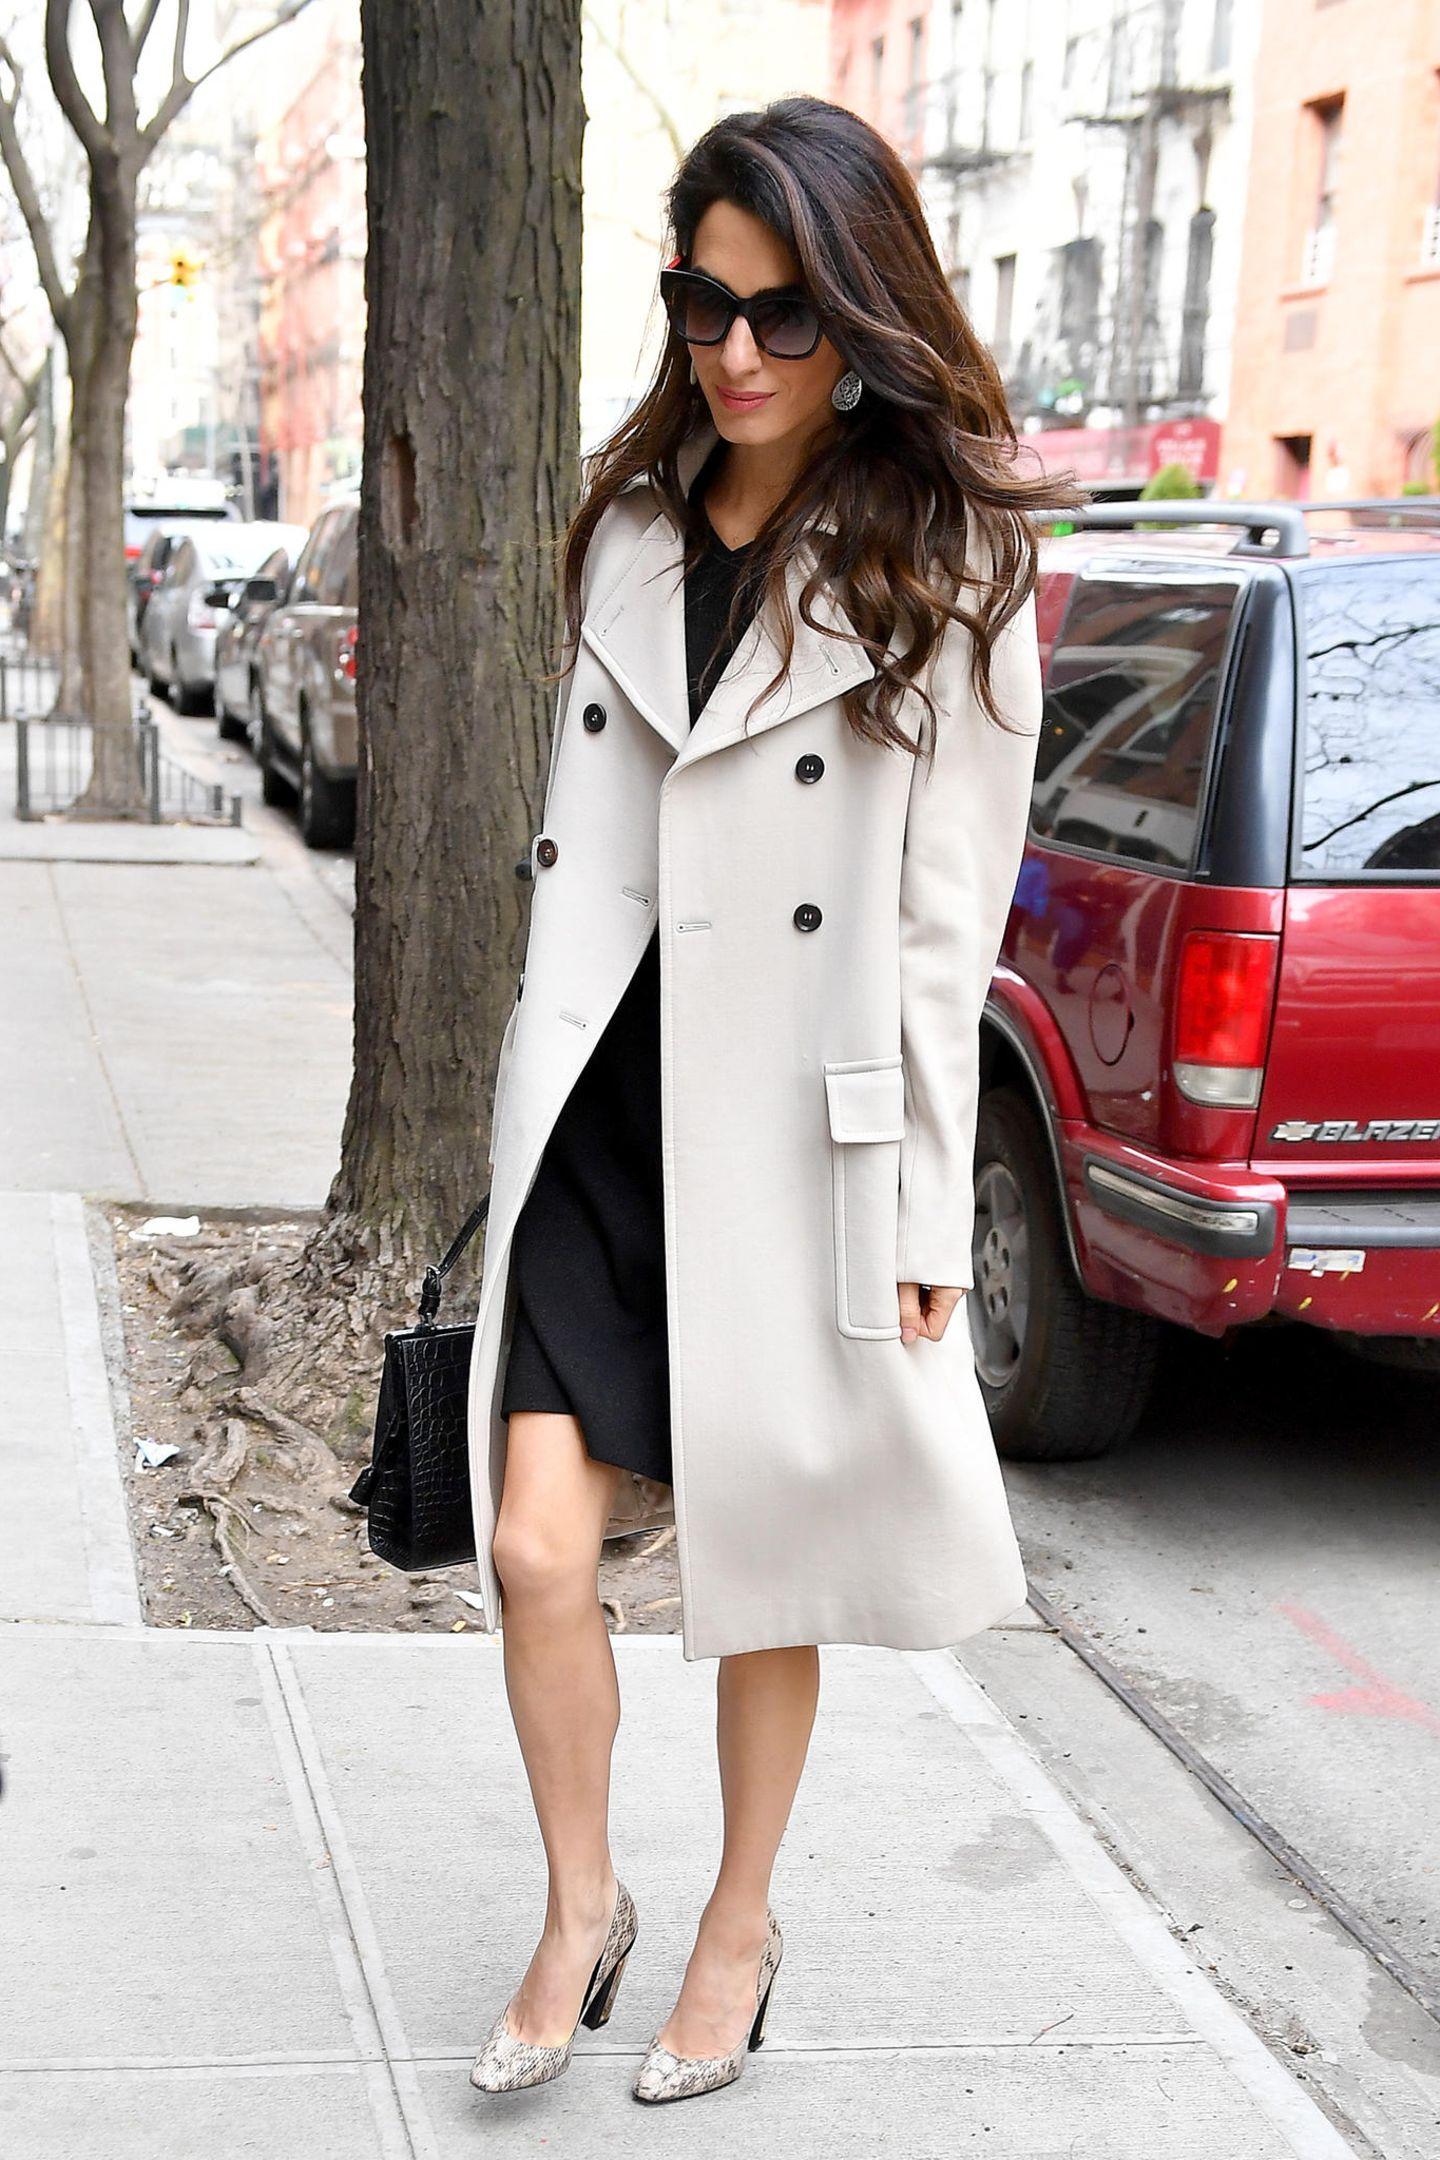 """Ein neuer Tag, ein neuer Look: Amal Clooney trägt einen cremefarbenen Trenchcoat über einem schwarzen Kleid und kombiniert dazu Schlangenlederpumps. In der Hand hält sie die """"Simone""""-Tasche von Michael Kors aus Alligatorleder in Schwarz."""